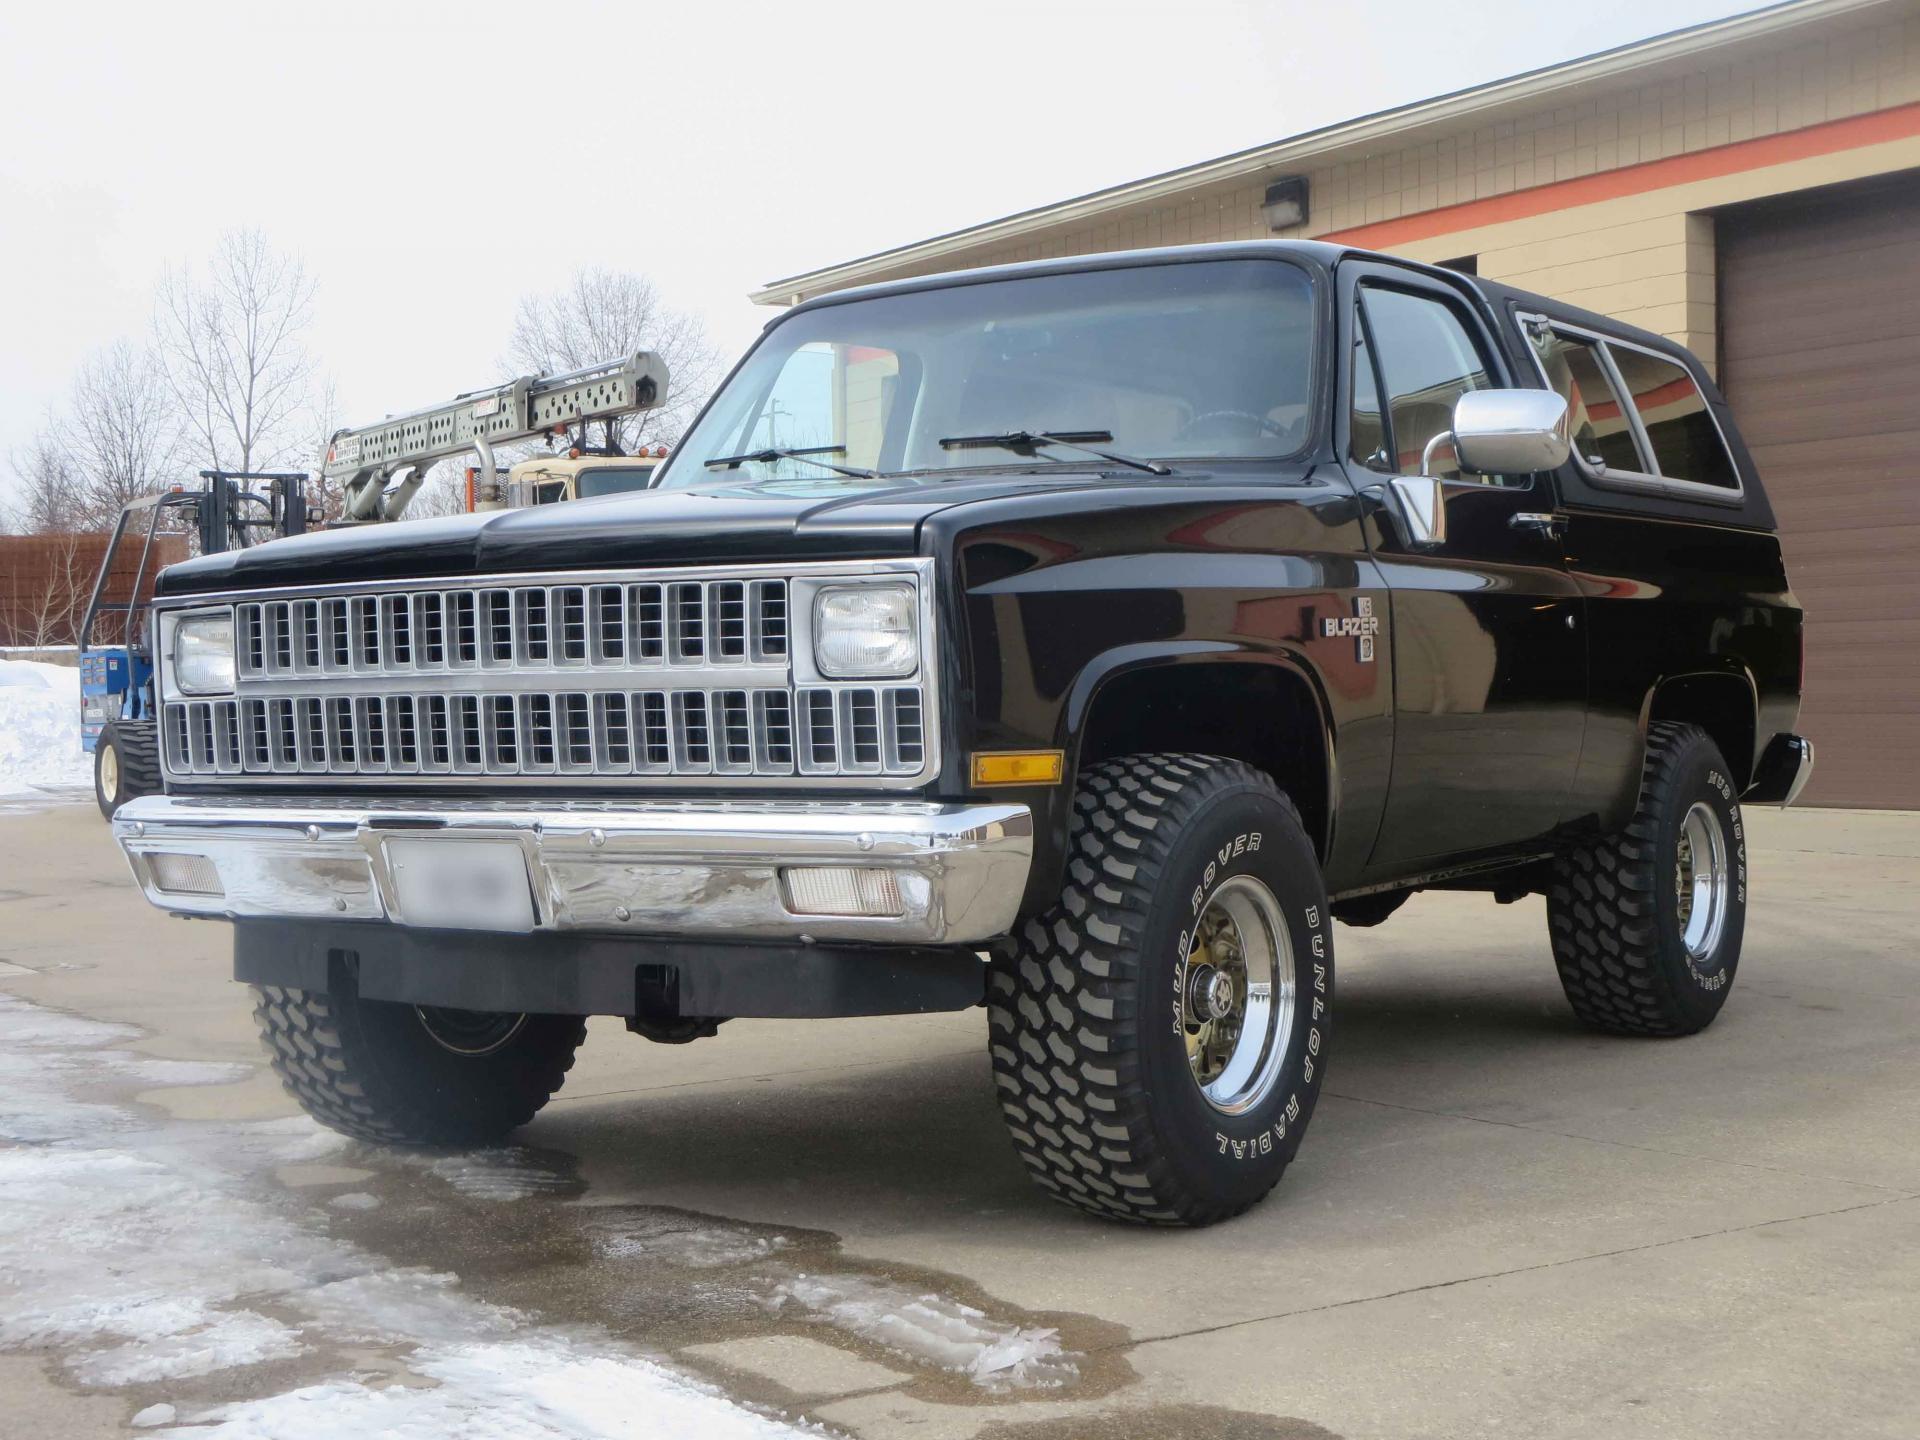 1981-Chevy-K5-Blazer-4.thumb.jpg.bbd522d48512cfbab39a79f5a340caca.jpg